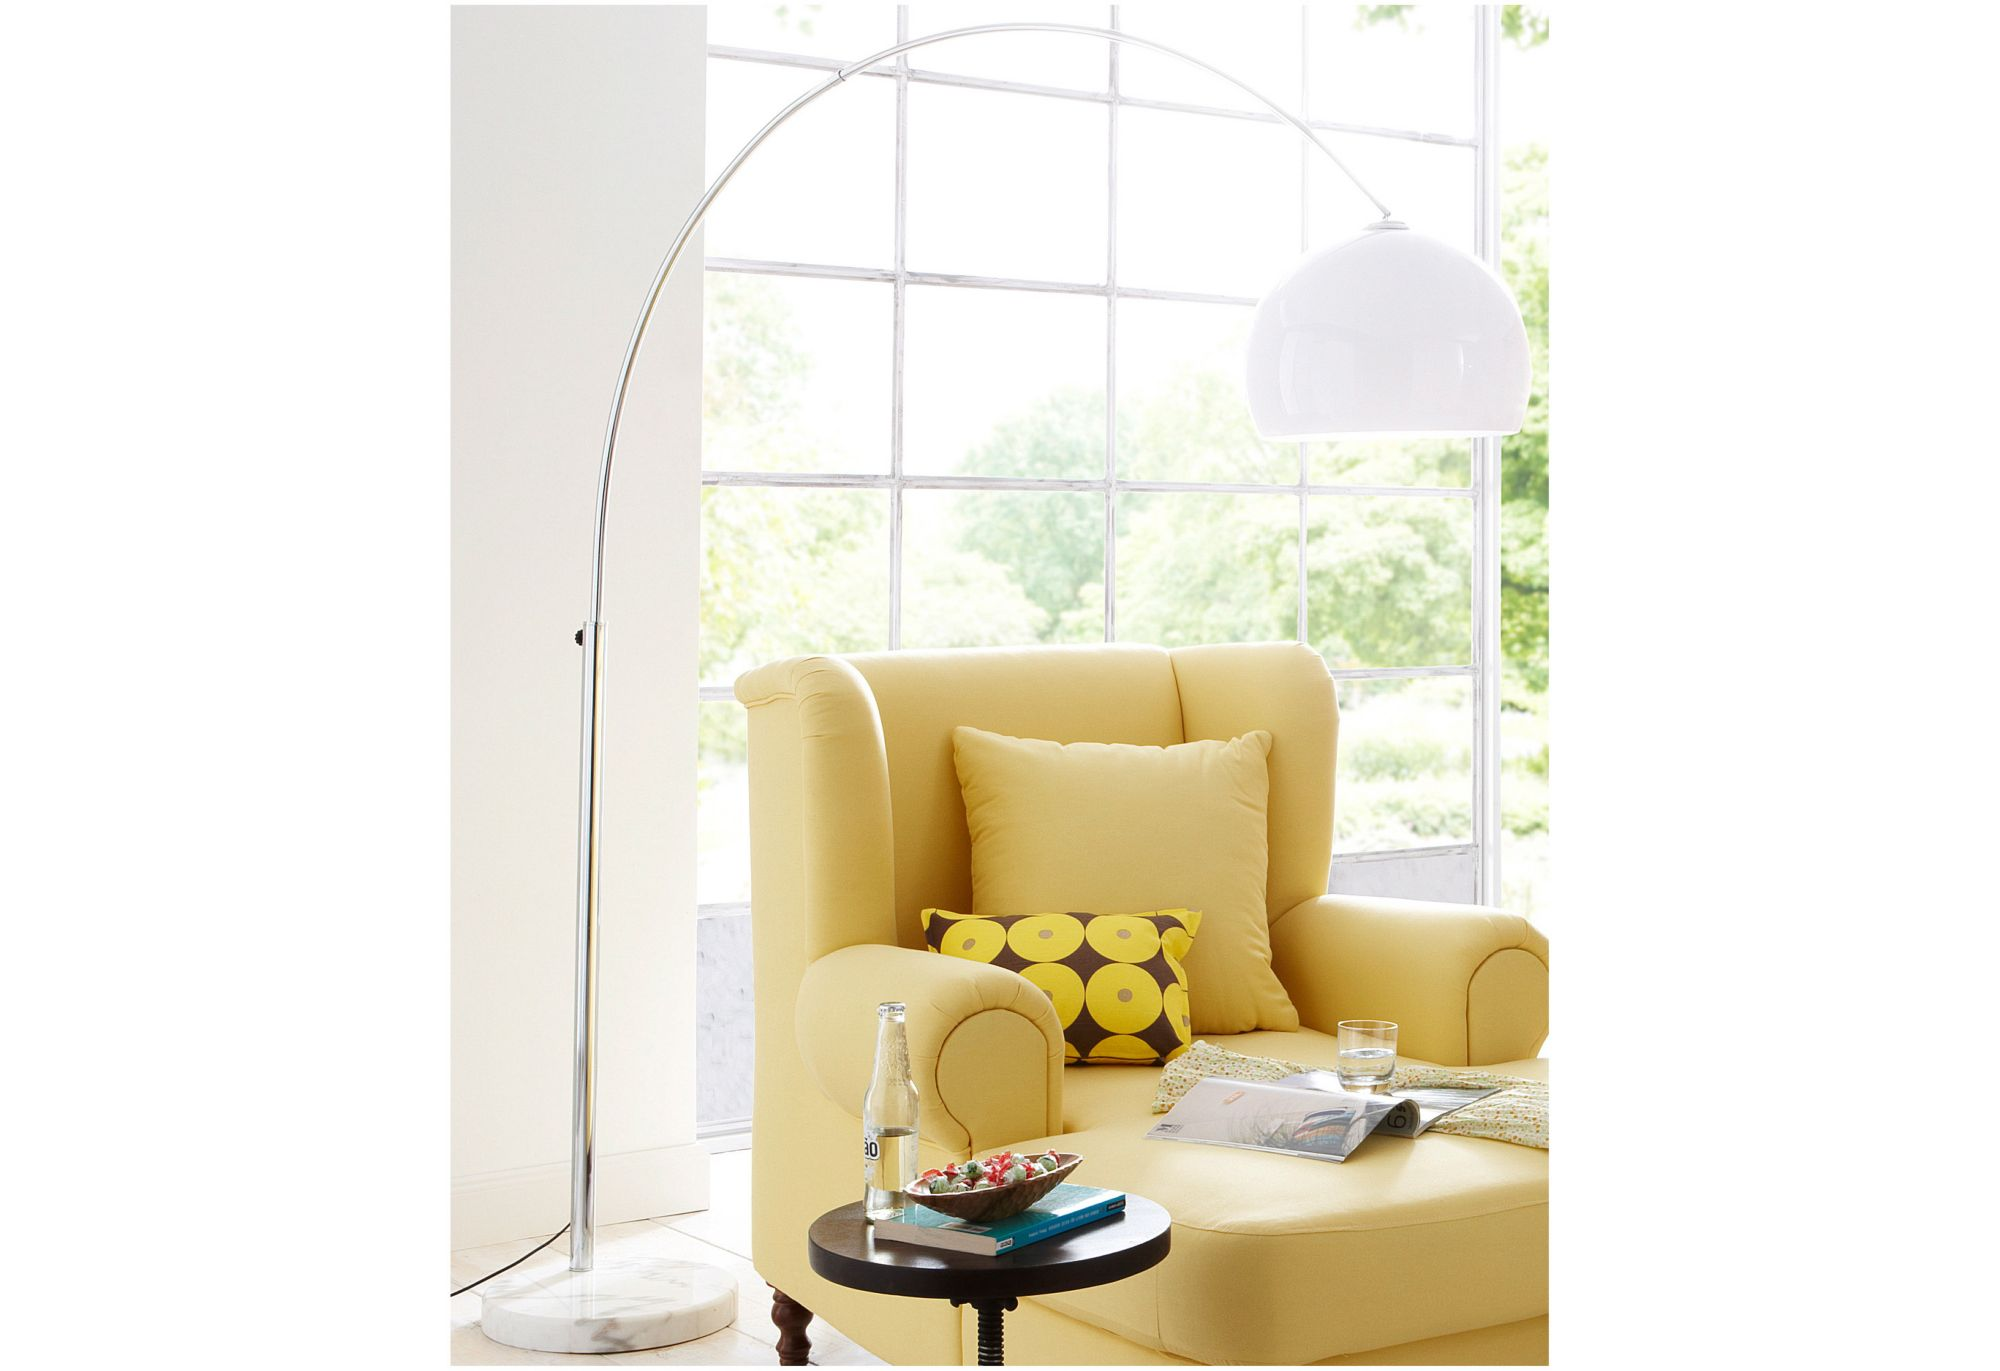 bogenlampen im schwab online shop m bel stehlampen. Black Bedroom Furniture Sets. Home Design Ideas